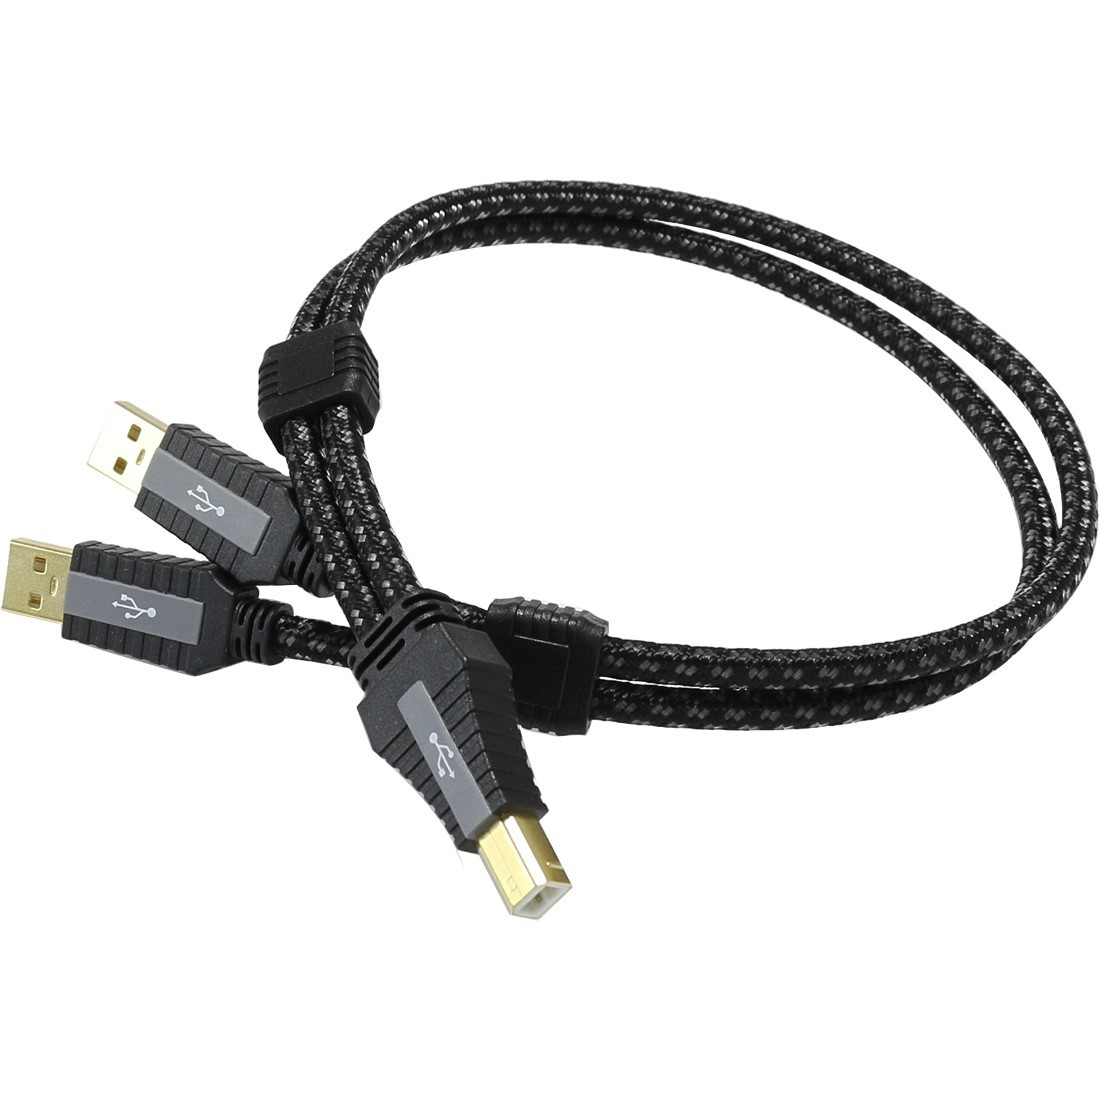 PANGEA PREMIER XL Câble USB-A Mâle / USB-B Mâle 2.0 Cardas Copper plaqué Or 0.5m